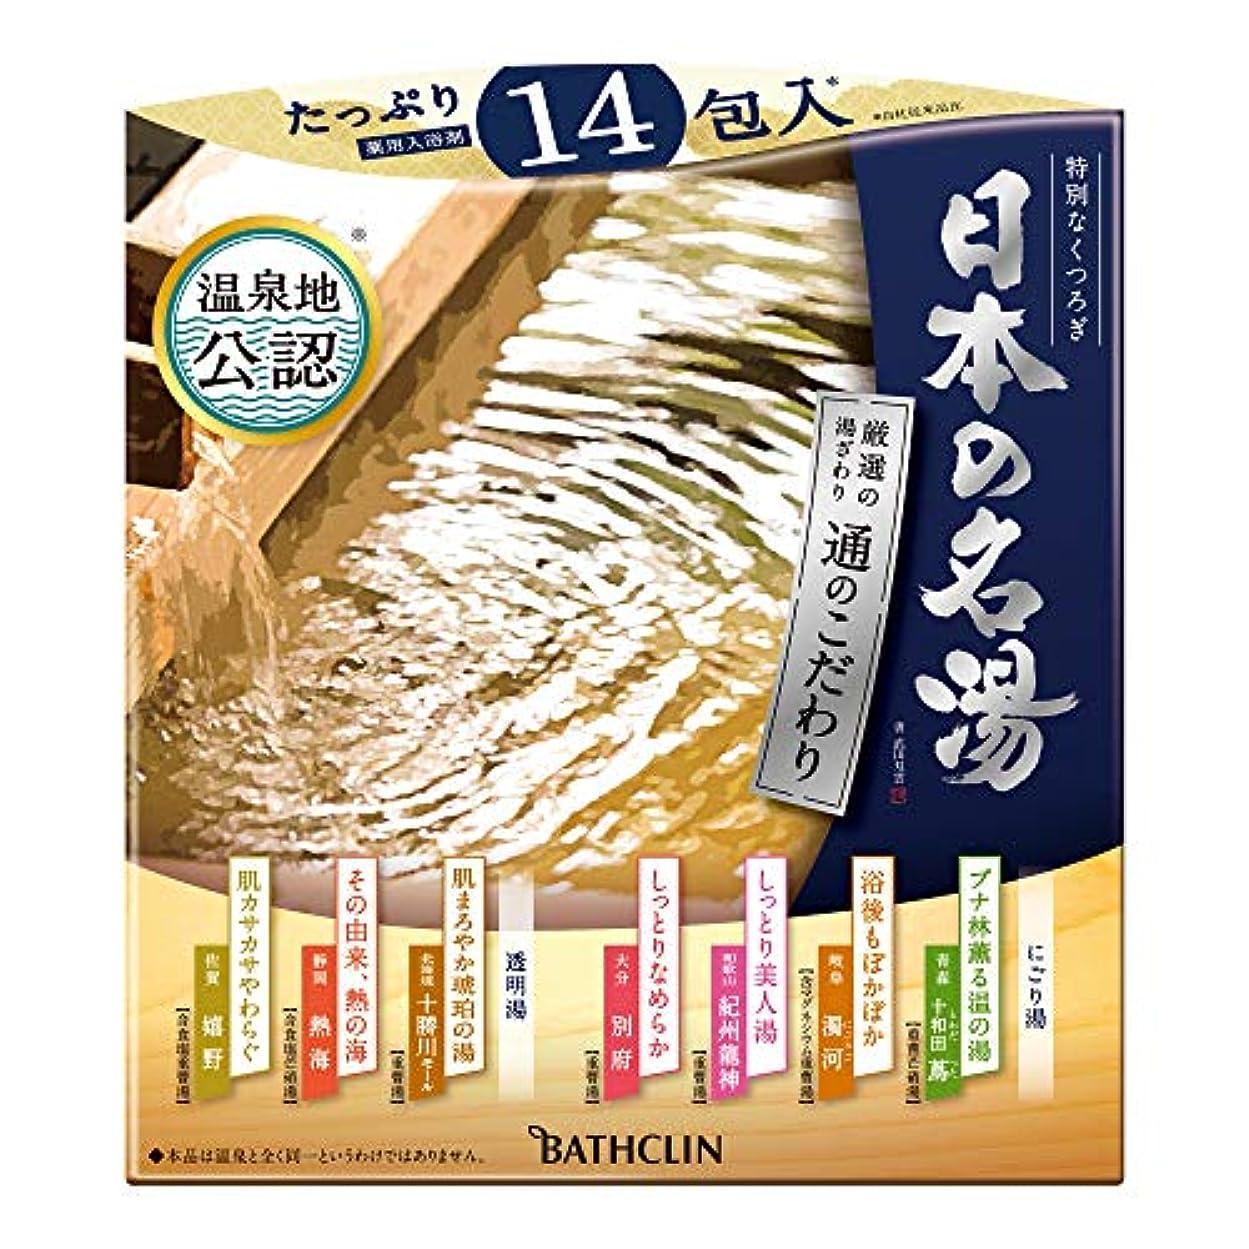 社会主義者早いかき混ぜる【医薬部外品】バスクリン 日本の名湯 入浴剤 通のこだわり 30g×14包 個包装詰め合わせ 温泉タイプ